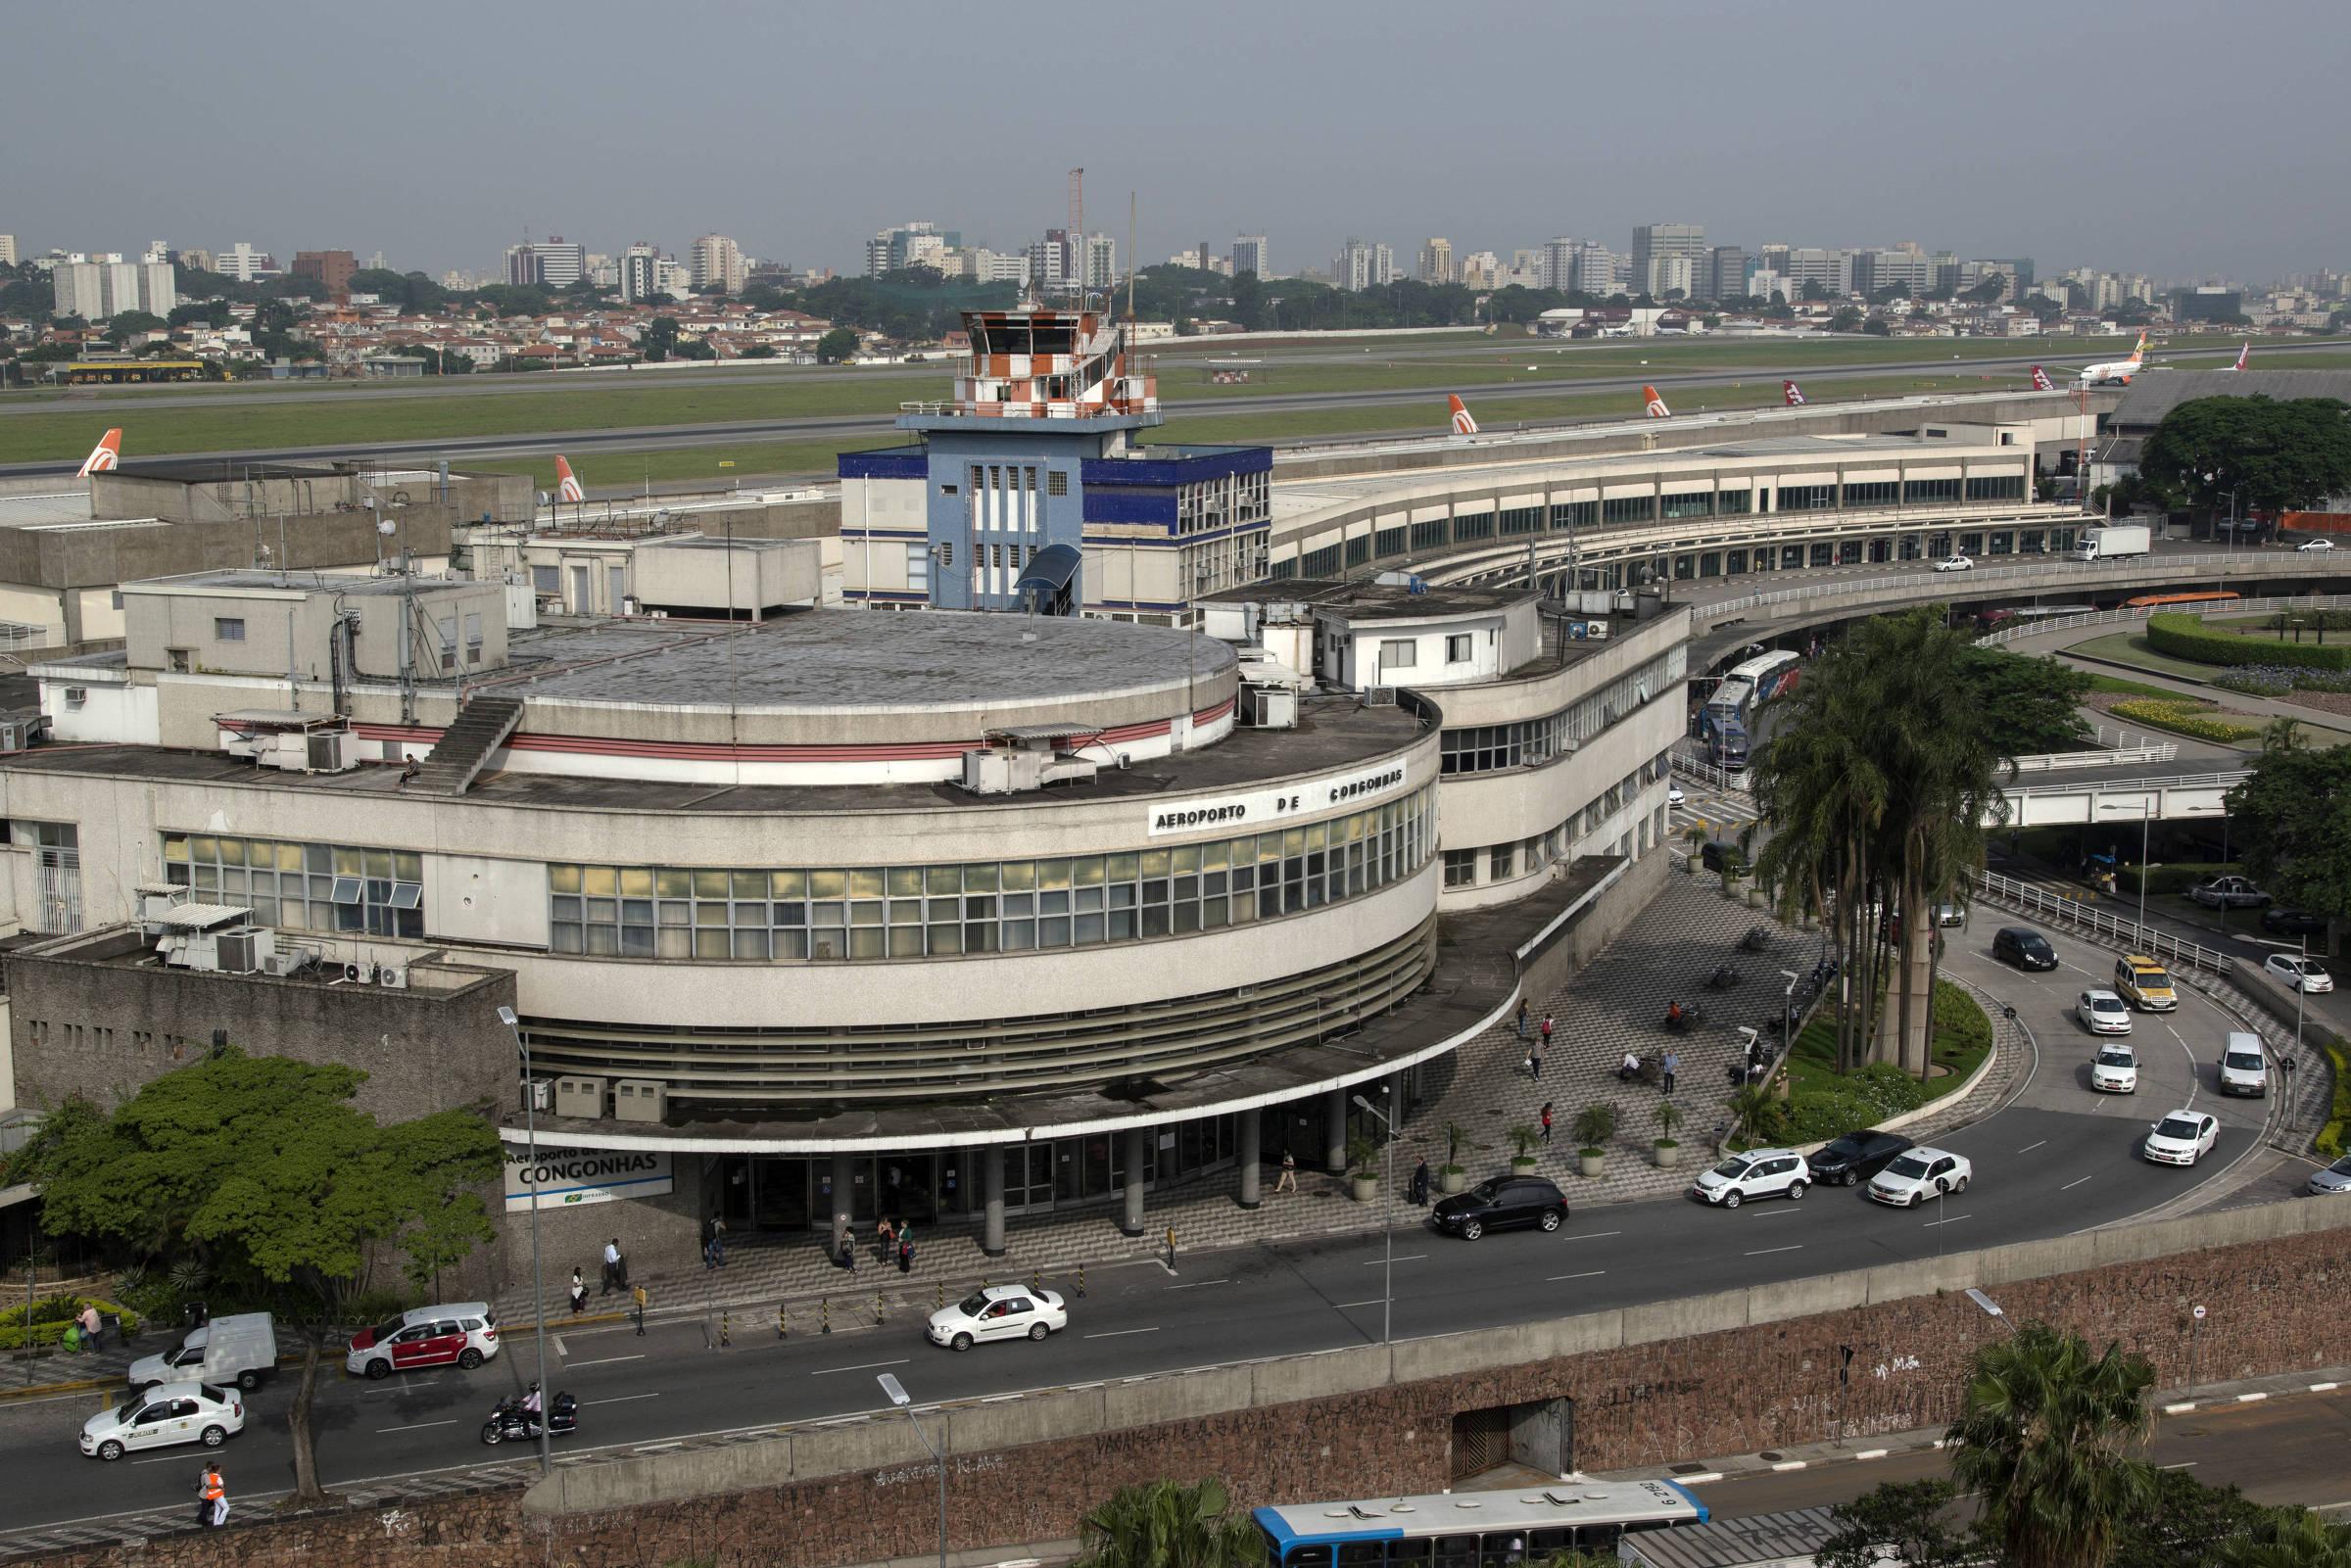 Resultado de imagen para Aeroporto Congonhas